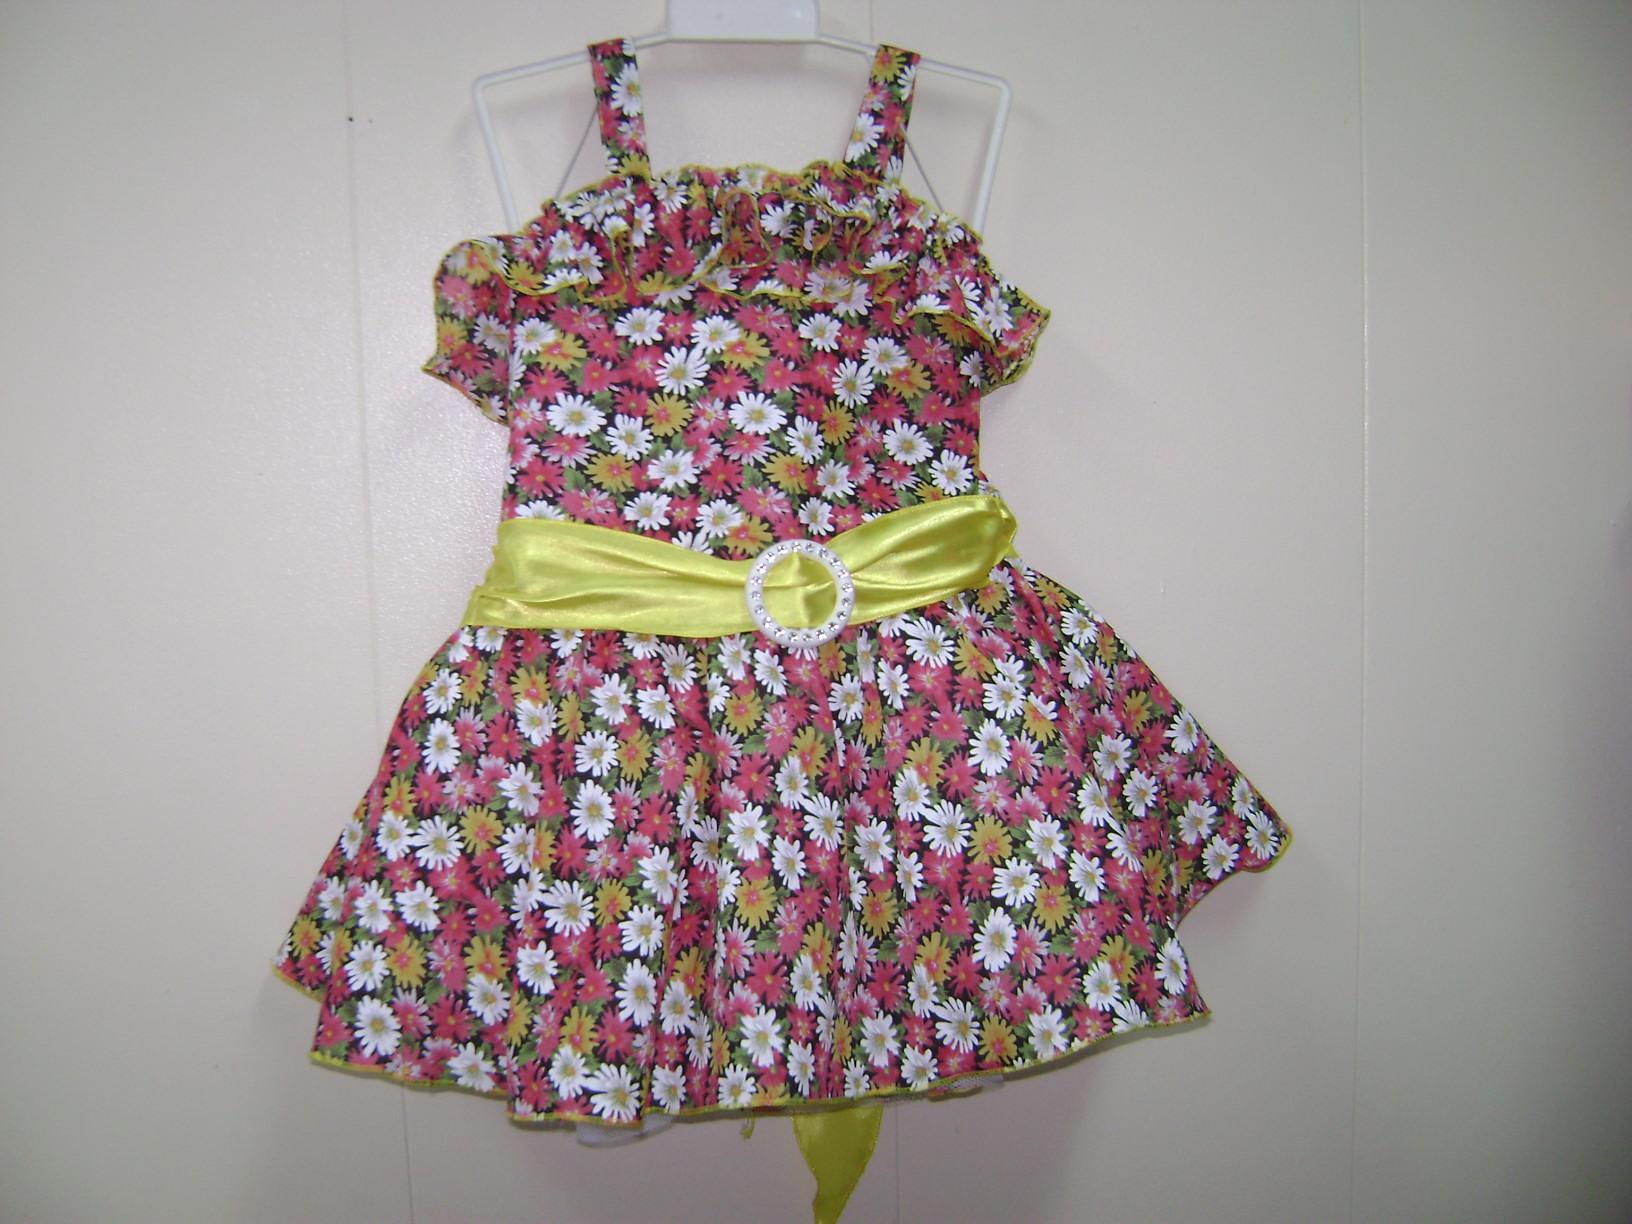 このワンピースドレスは、ハンドメードです。 花柄がとても可愛いです。ツール付き、後ろはゴム入りとても着やすいです。